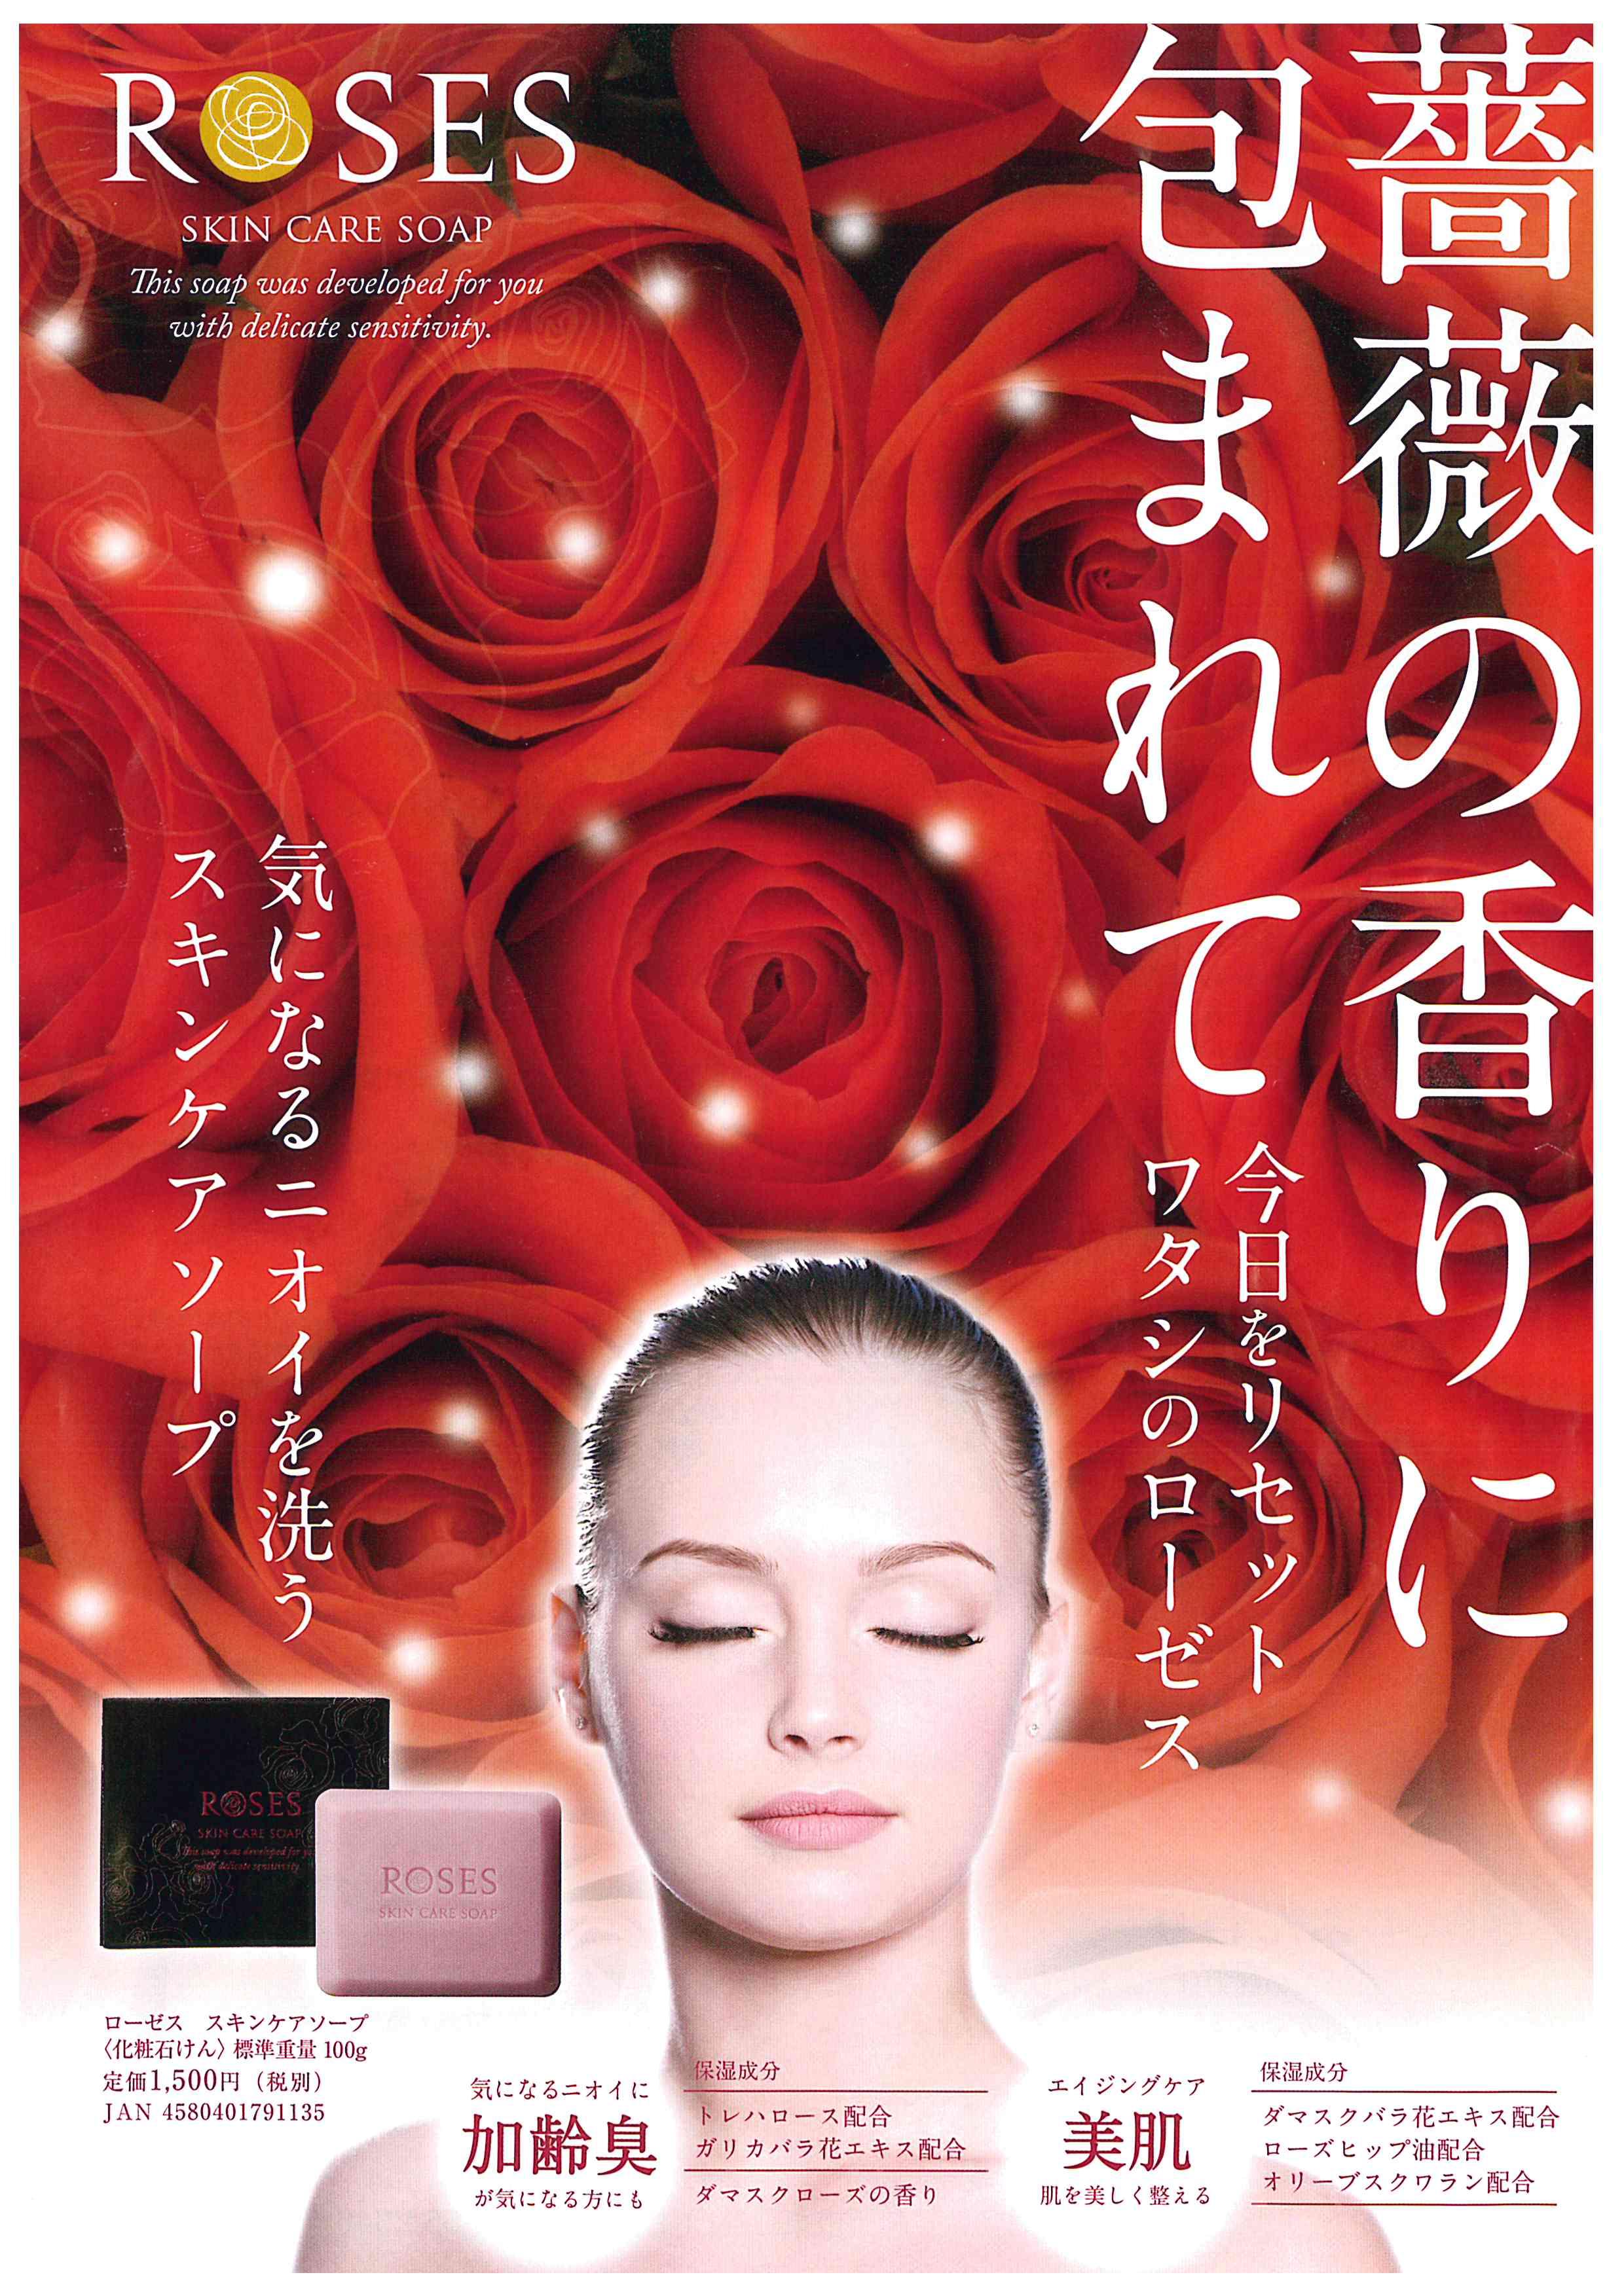 【特価】 ローズ デリケート石鹸  /体臭 加齢臭 スキンケアソープ 薔薇 せっけん